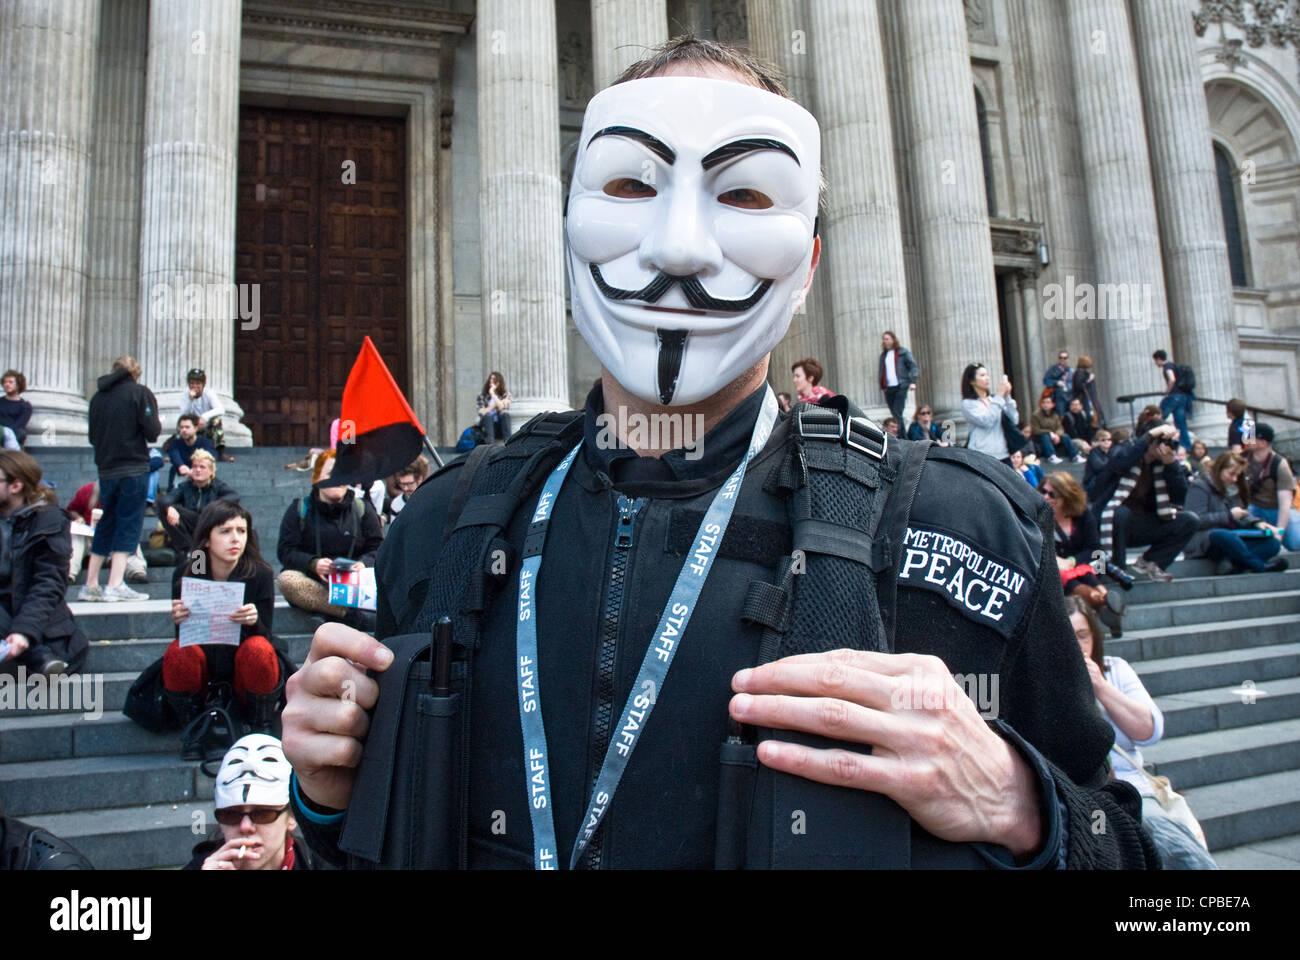 Occuper, London UK. Le capitalisme contre la démonstration, partie d'une journée mondiale d'action. Photo Stock